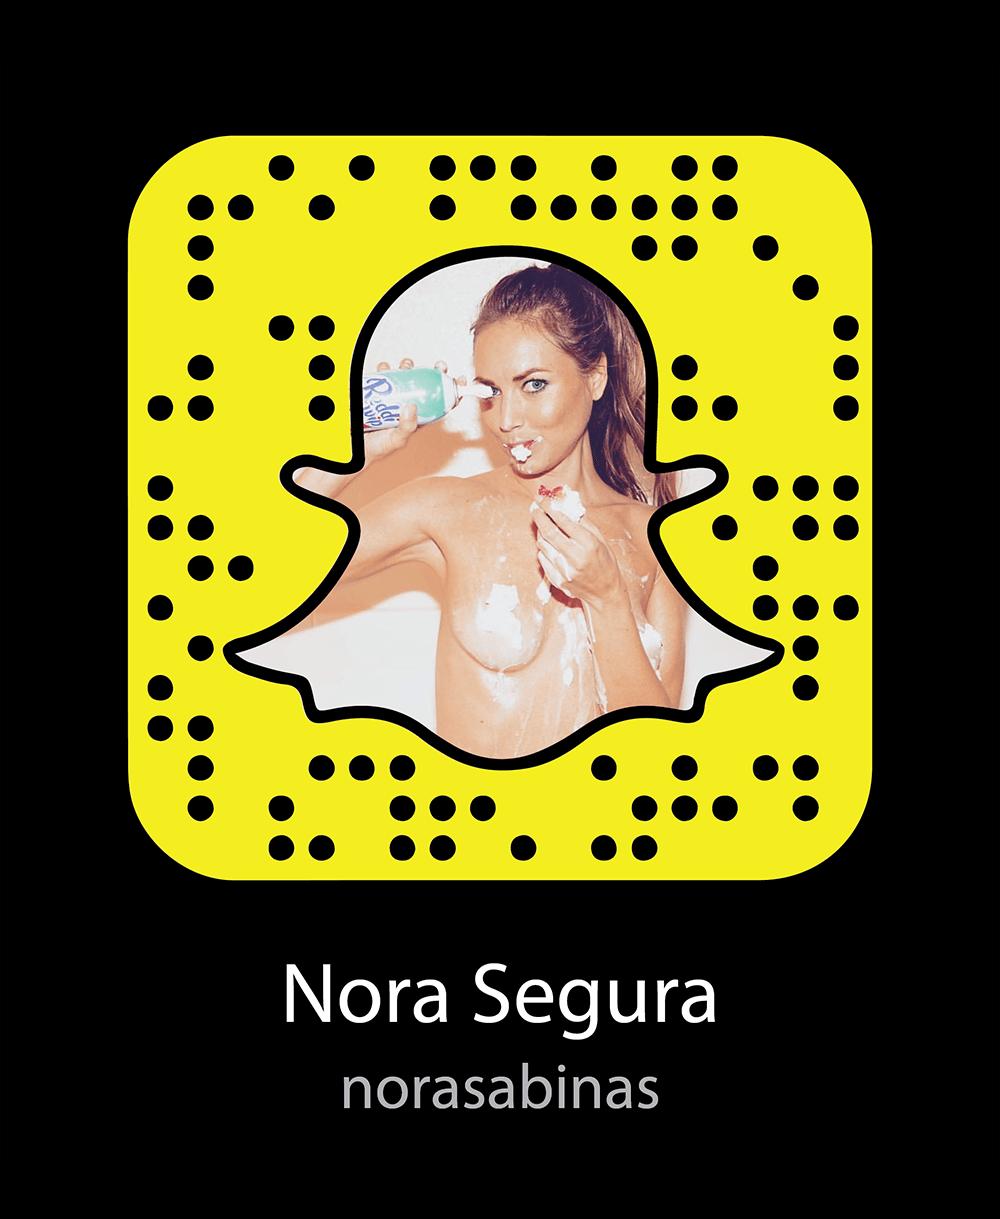 nora-segura-sexy-snapchat-snapcode.png